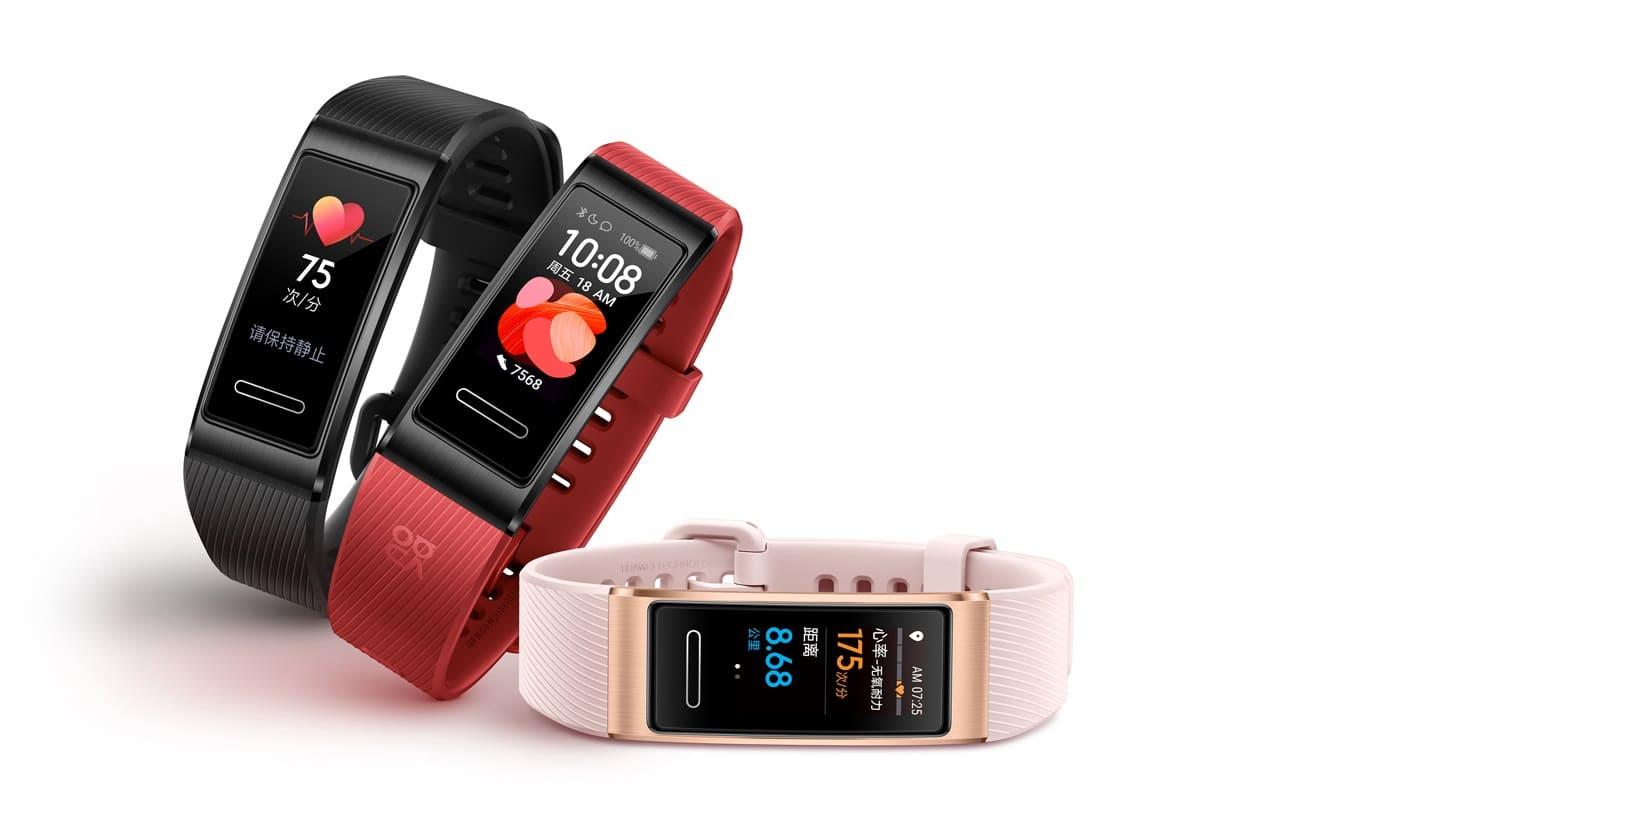 Представлено новое поколение часов Huawei Band 4 Pro c NFC и пульсометром